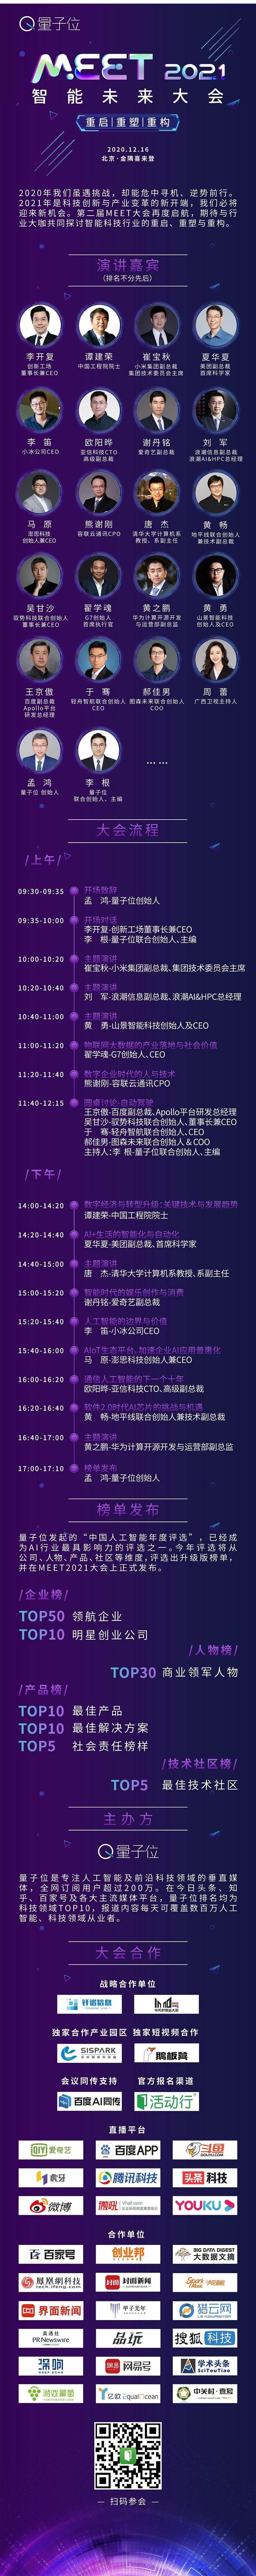 长海报-12.15.jpg